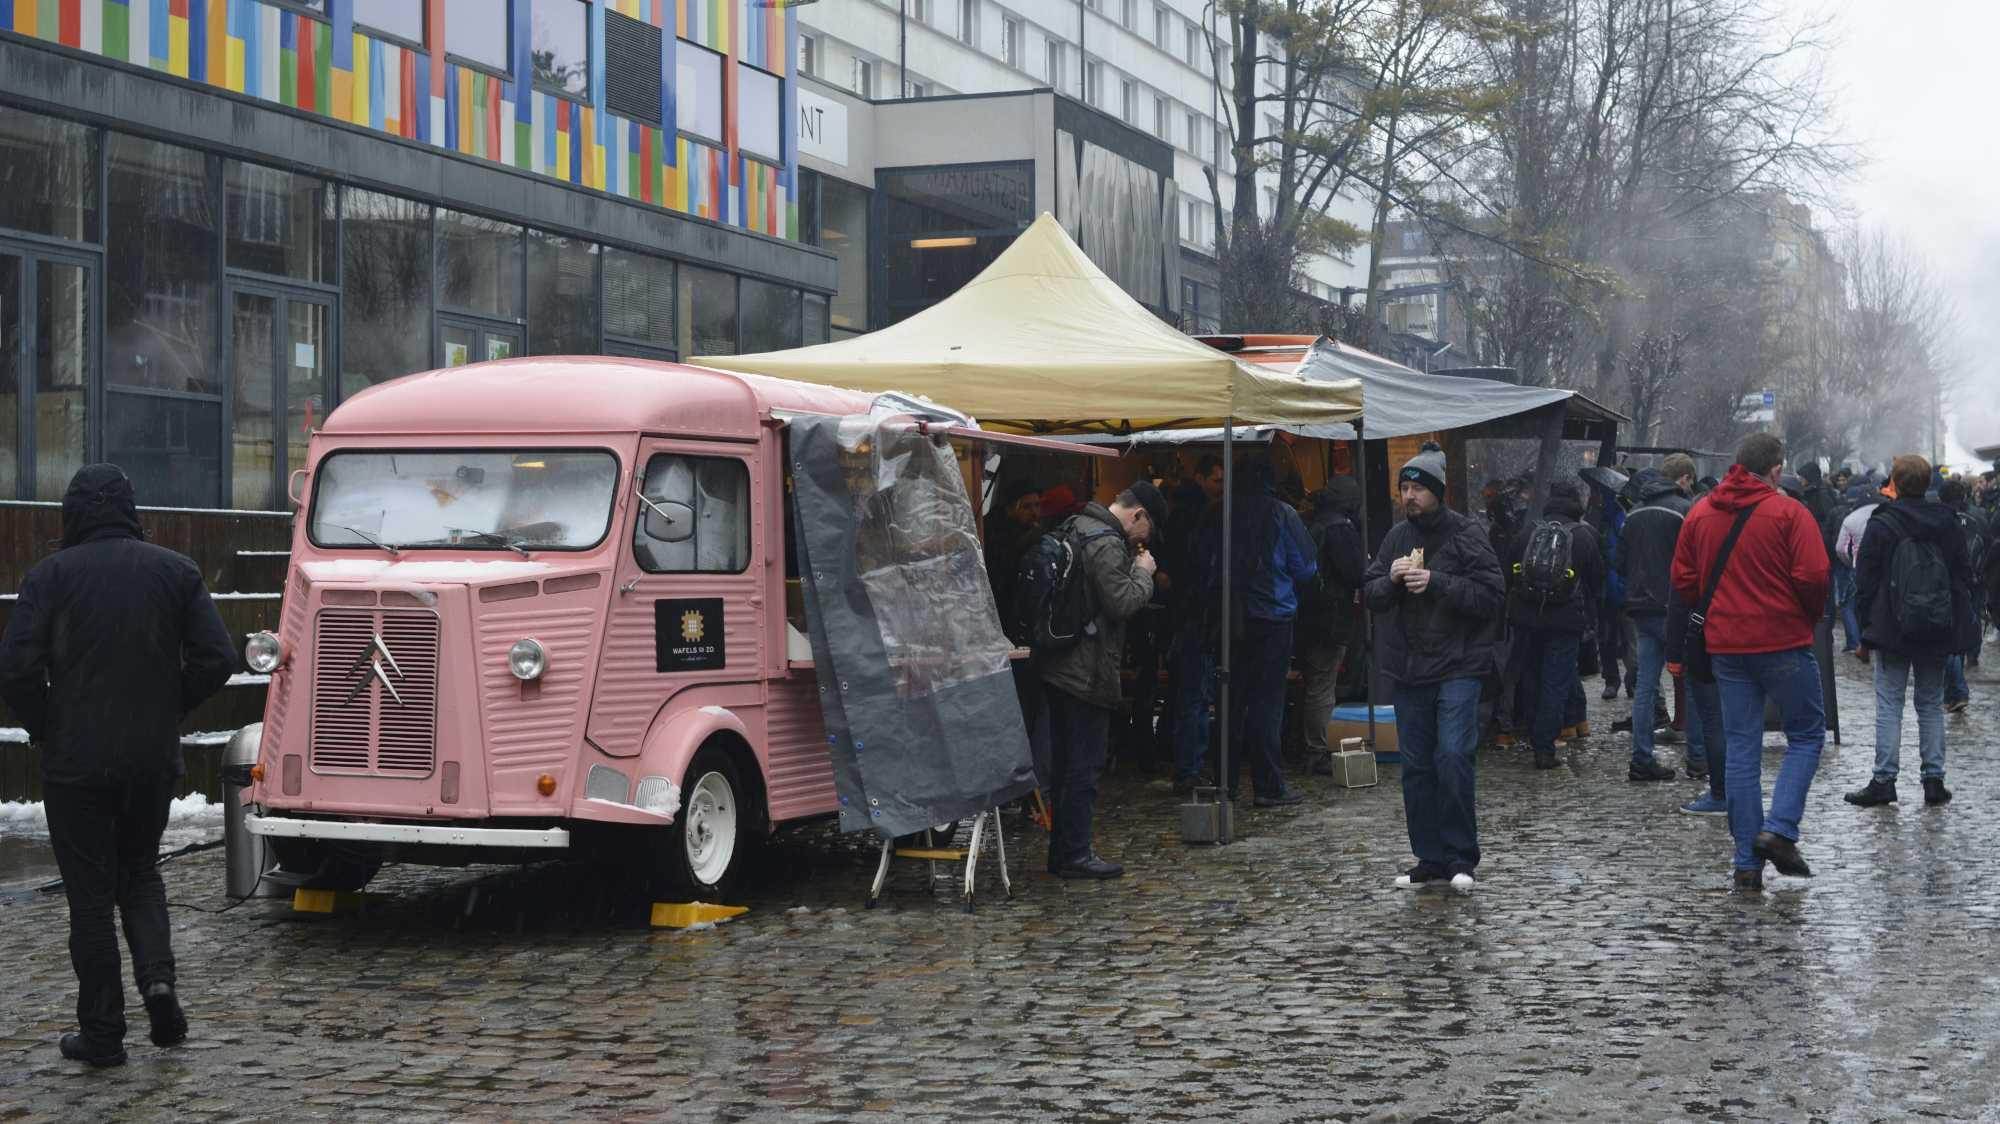 Reisebericht von der FOSDEM-Konferenz in Brüssel: Die Open-Source-Nerds werden politisch